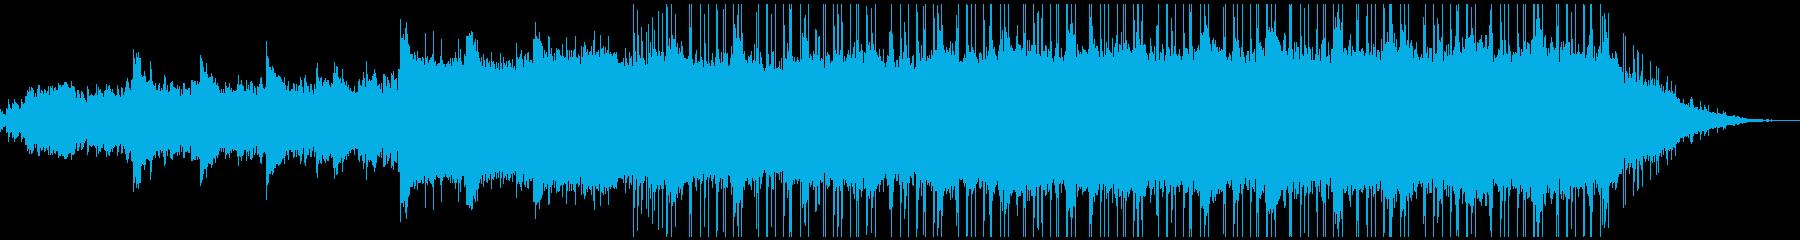 ラウンジ向きのゆったりしたピアノBGMの再生済みの波形